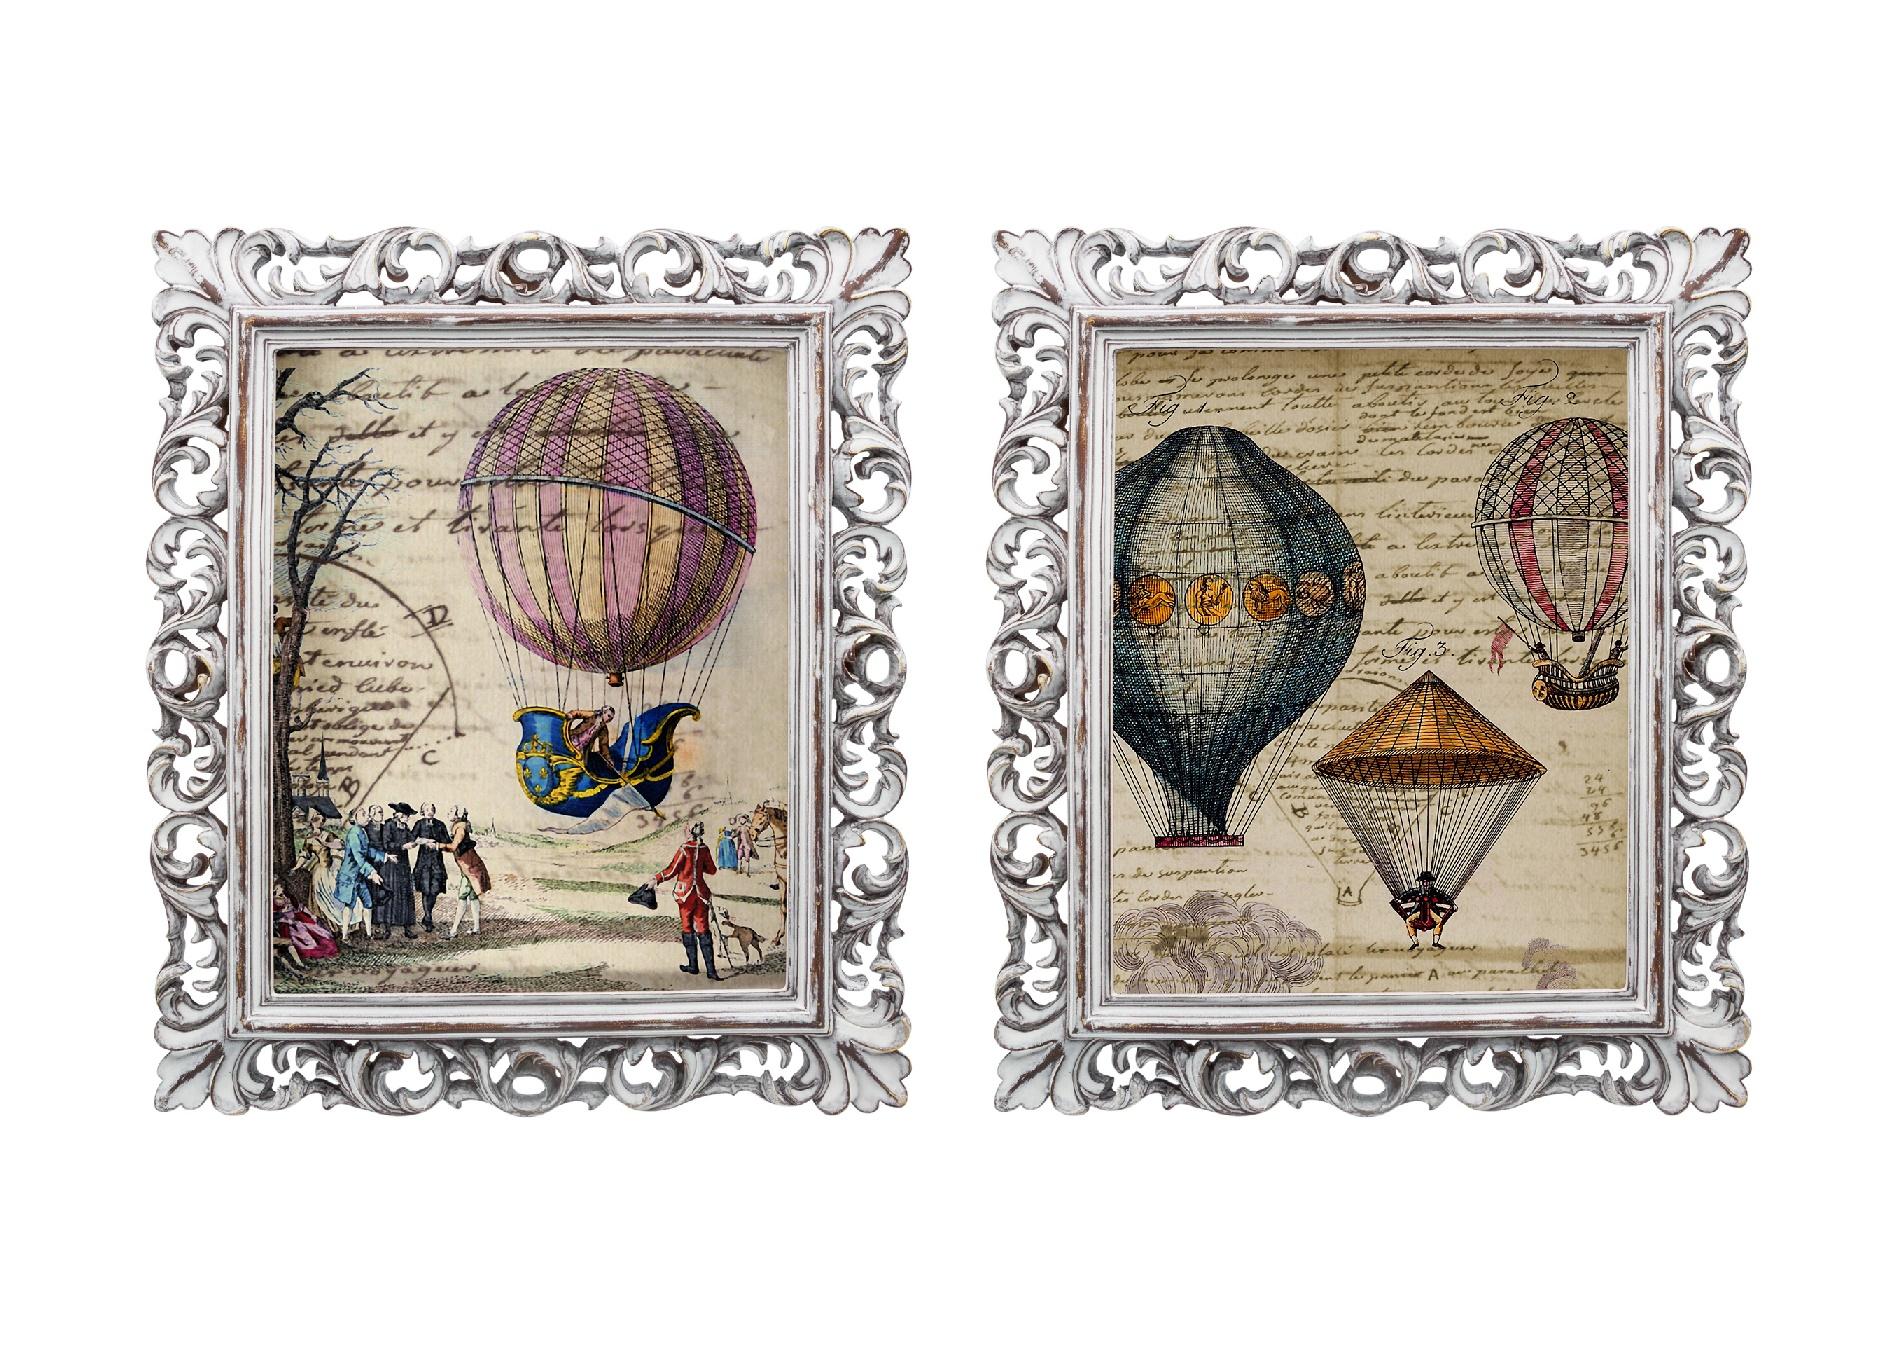 Набор из двух репродукций МадленКартины<br>Уникальные старинные изображения «Сказочное путешествие» в окружении изящных рам создадут особую романтическую атмосферу. Старинные воздушные шары, словно «машина времени», приглашают в увлекательное путешествие в прошлые времена. Изображения обрамлены винтажными рамами, искусная техника состаривания придает изделию особую теплоту и загадочность. Благородная патина на поверхности рамы — интригующее приглашение к прогулке в мир старинных реликвий! Изображение картины наполнено уникальными эмоциями и тайной, скрытой под кристально прозрачным стеклом. Картину можно повесить на стену, а можно поставить, например, на стол или камин. Защитный стеклянный слой гарантирует долгую жизнь прекрасному изображению. А если Вам захочется обновить интерьер, Вы можете с легкостью заменить изображение картины!&amp;lt;div&amp;gt;&amp;lt;br&amp;gt;&amp;lt;/div&amp;gt;<br><br>Material: Бумага<br>Ширина см: 28.0<br>Высота см: 33.8<br>Глубина см: 2.3